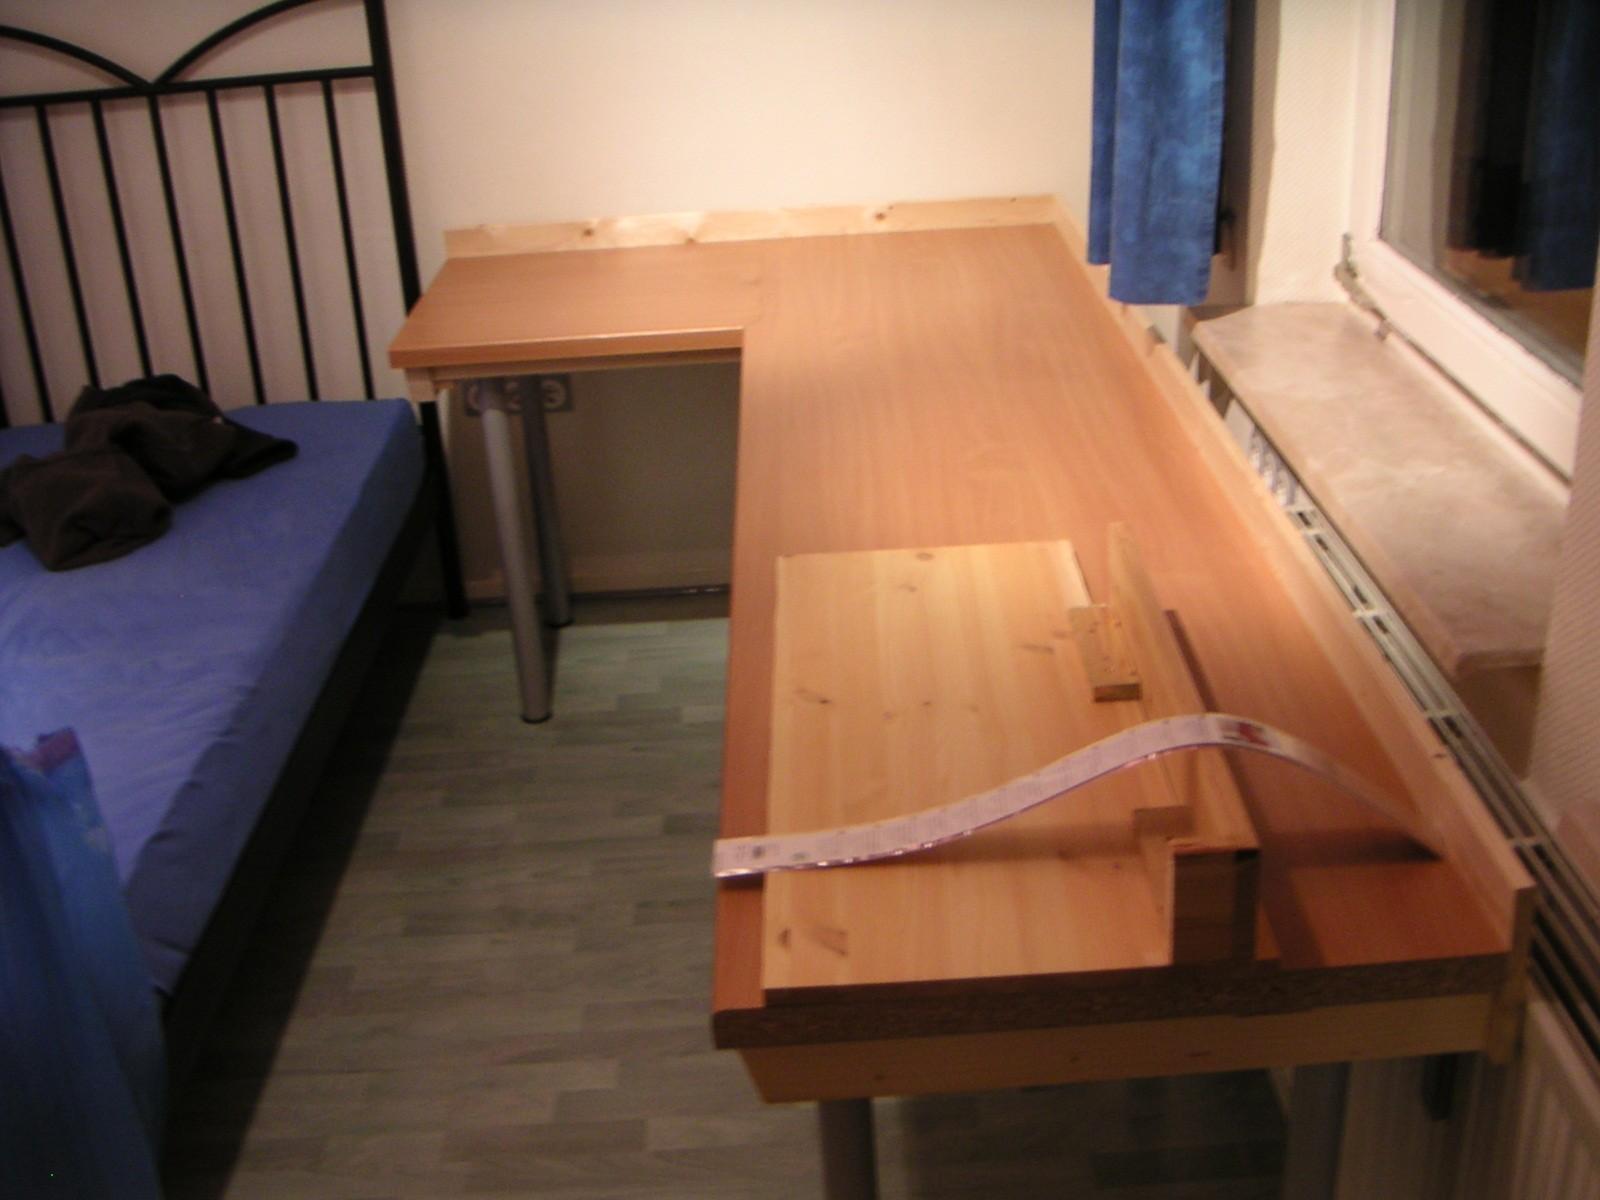 schreibtisch selbst bauen arbeitsplatte interior design und m bel ideen. Black Bedroom Furniture Sets. Home Design Ideas